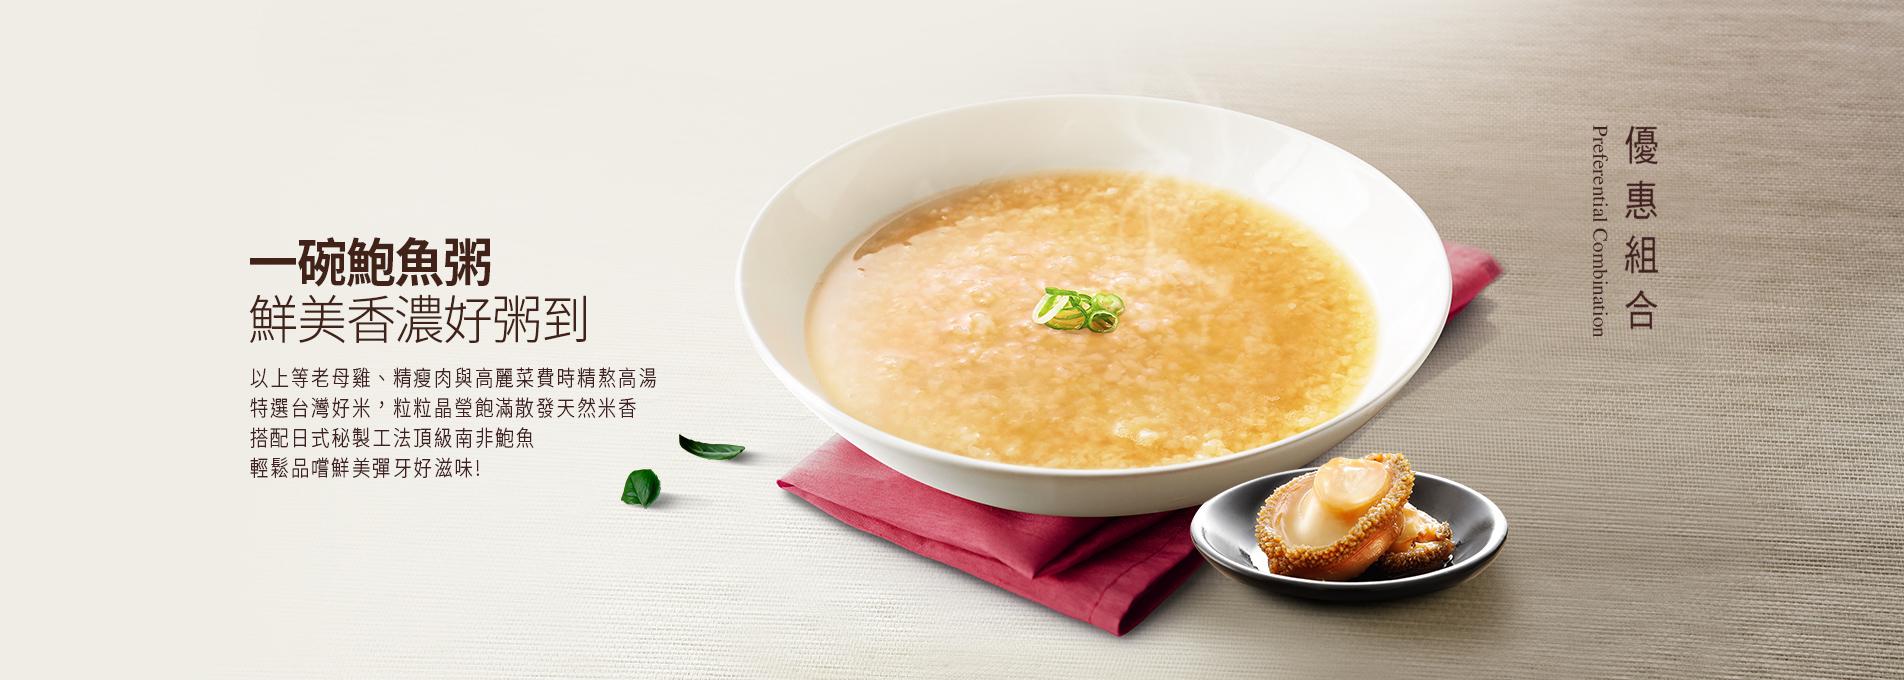 熬湯粥(6人份)+南非鮑魚(2粒裝)